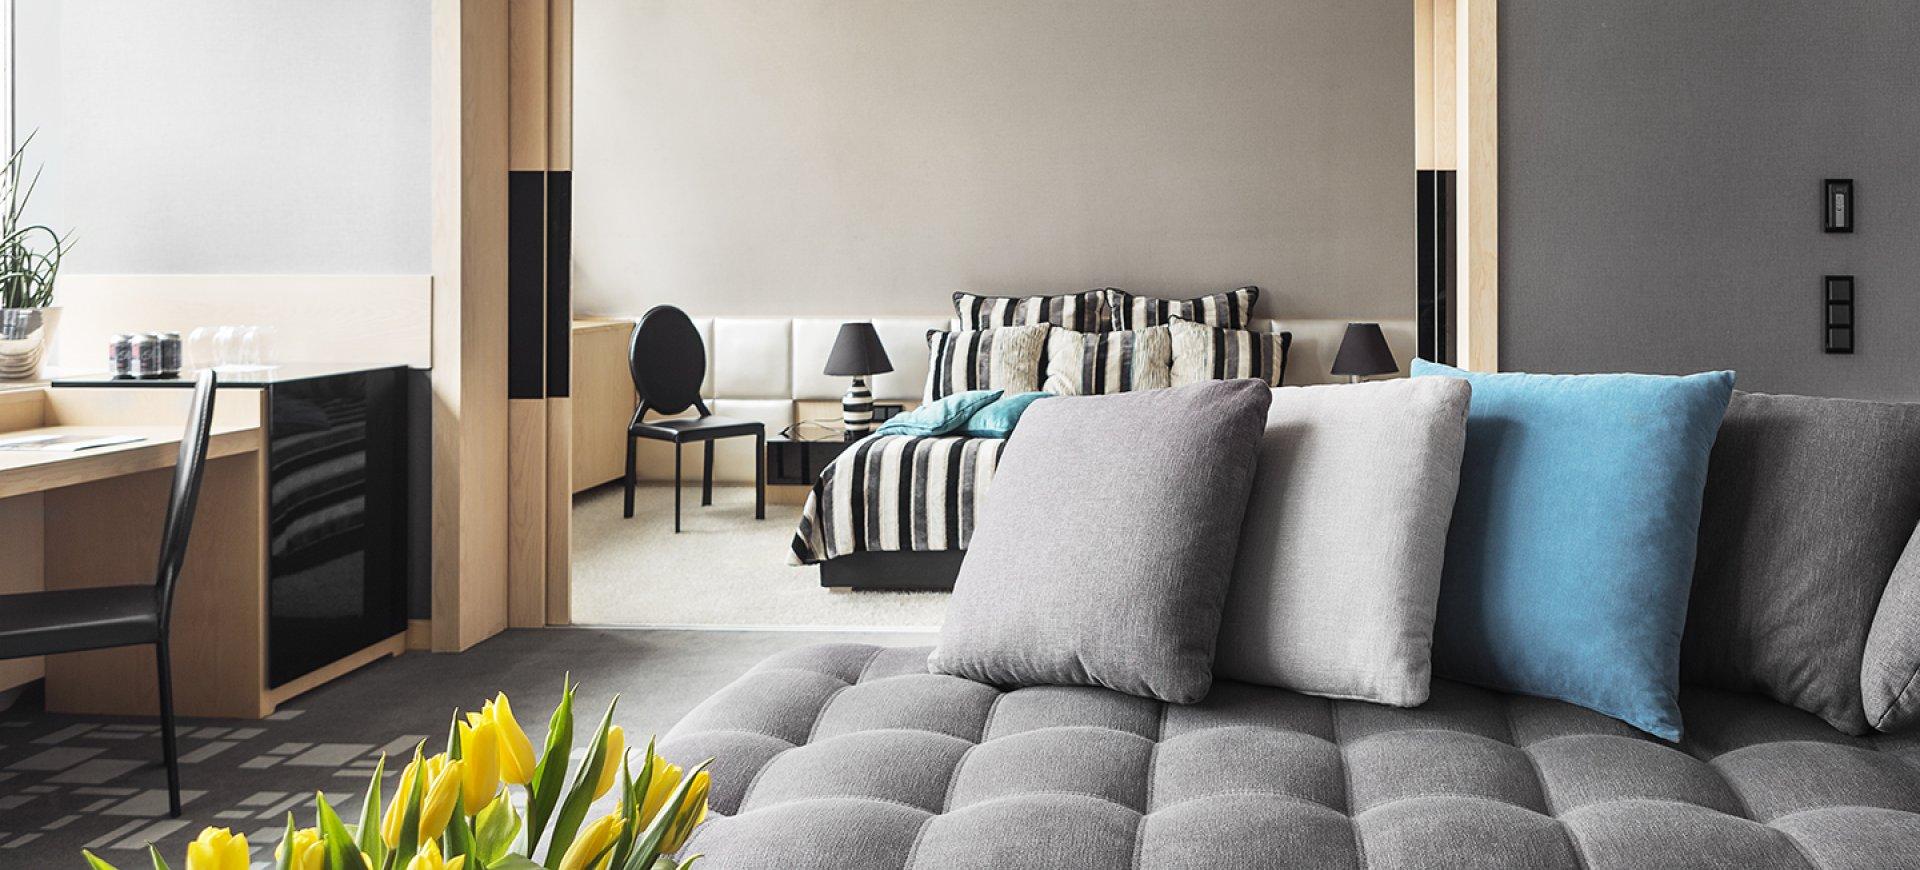 Graphite Apartment